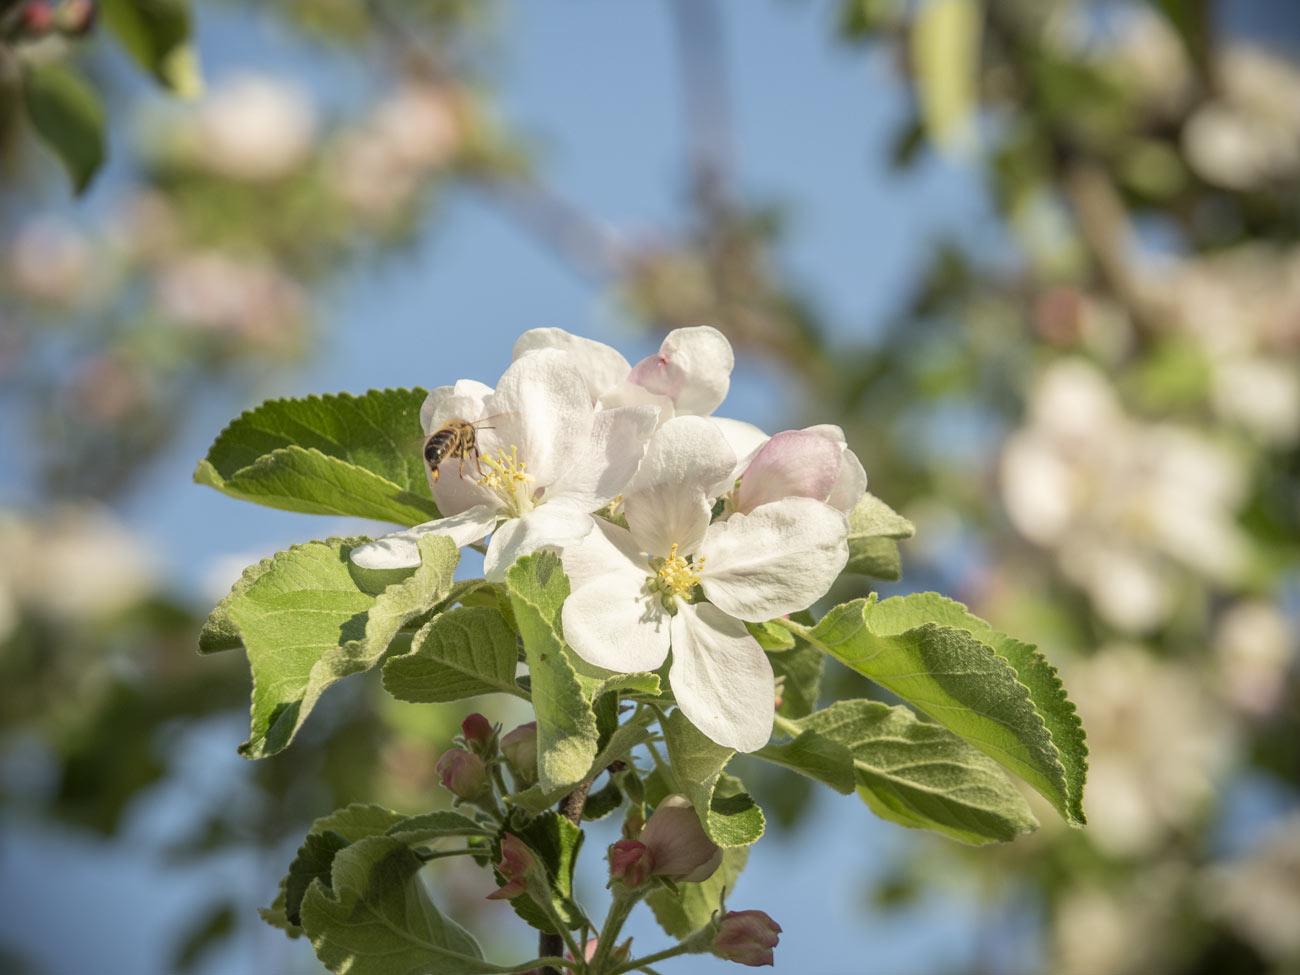 Apfelbaum blüht, und eine Biene-2018